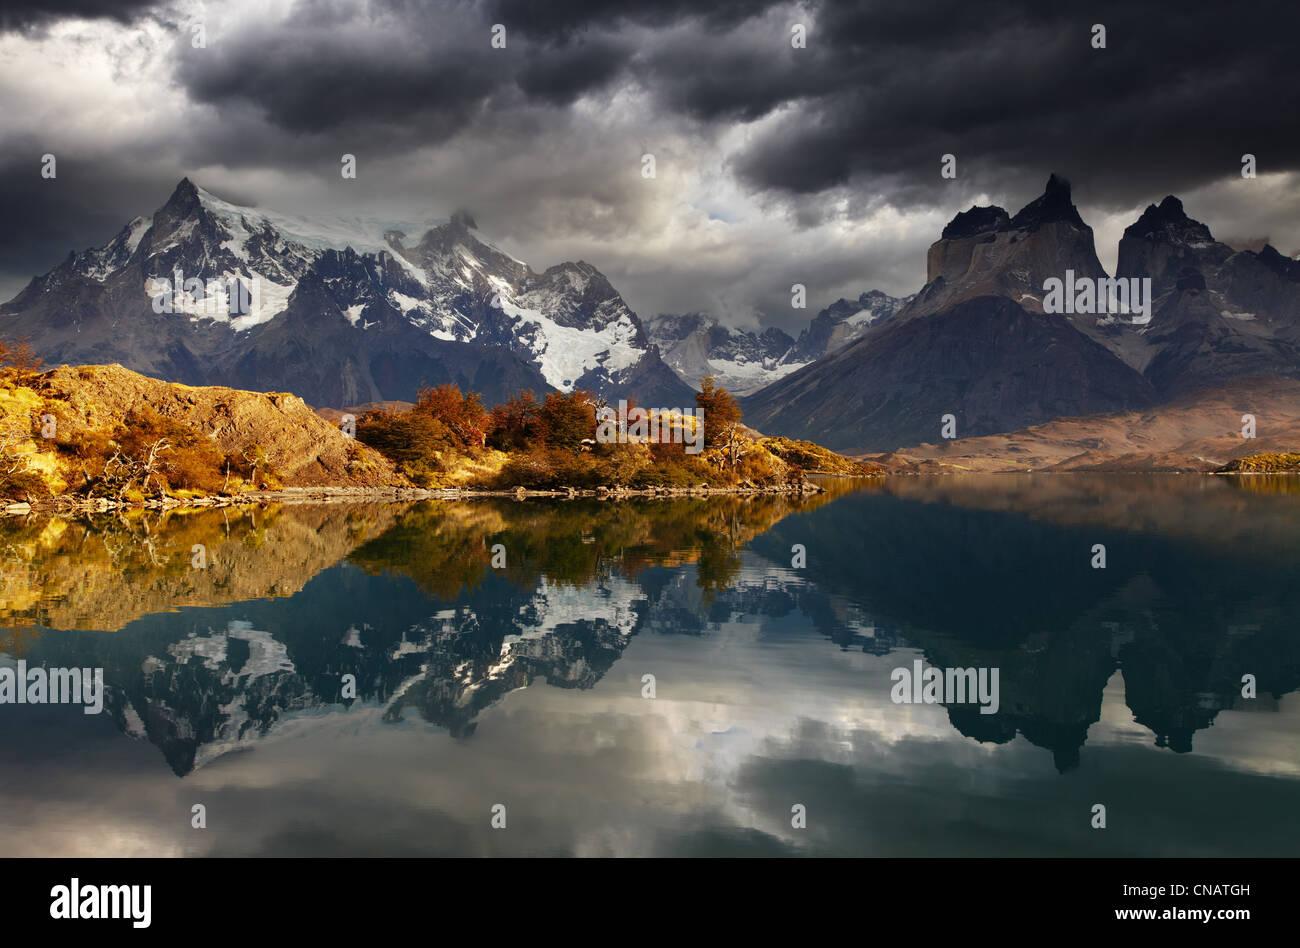 Sonnenaufgang in Torres del Paine Nationalpark, Lake Pehoe und Cuernos Bergen, Patagonien, Chile Stockbild